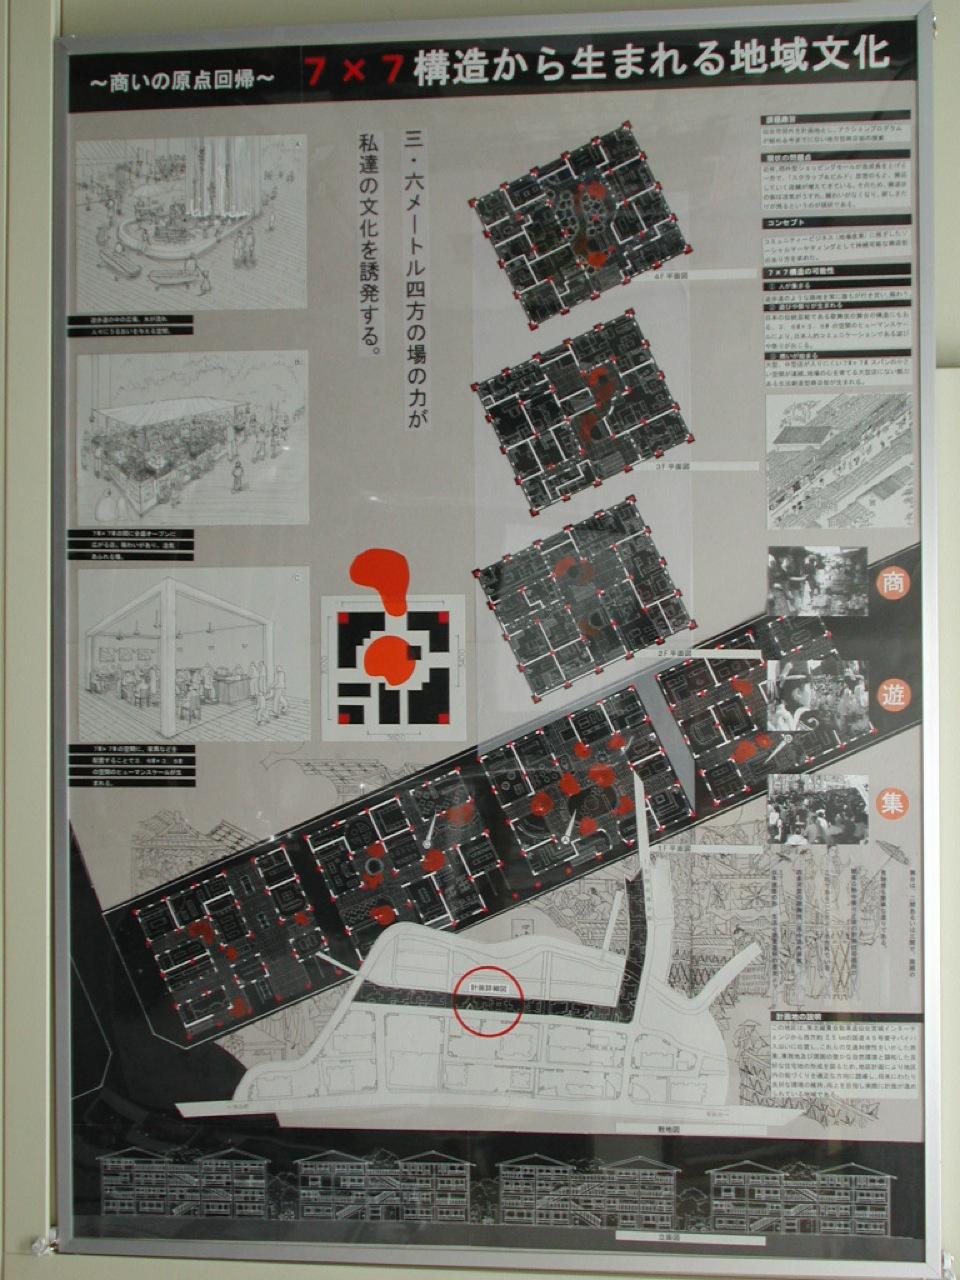 〜商いの原点回帰〜 7×7構造から生まれる地域文化